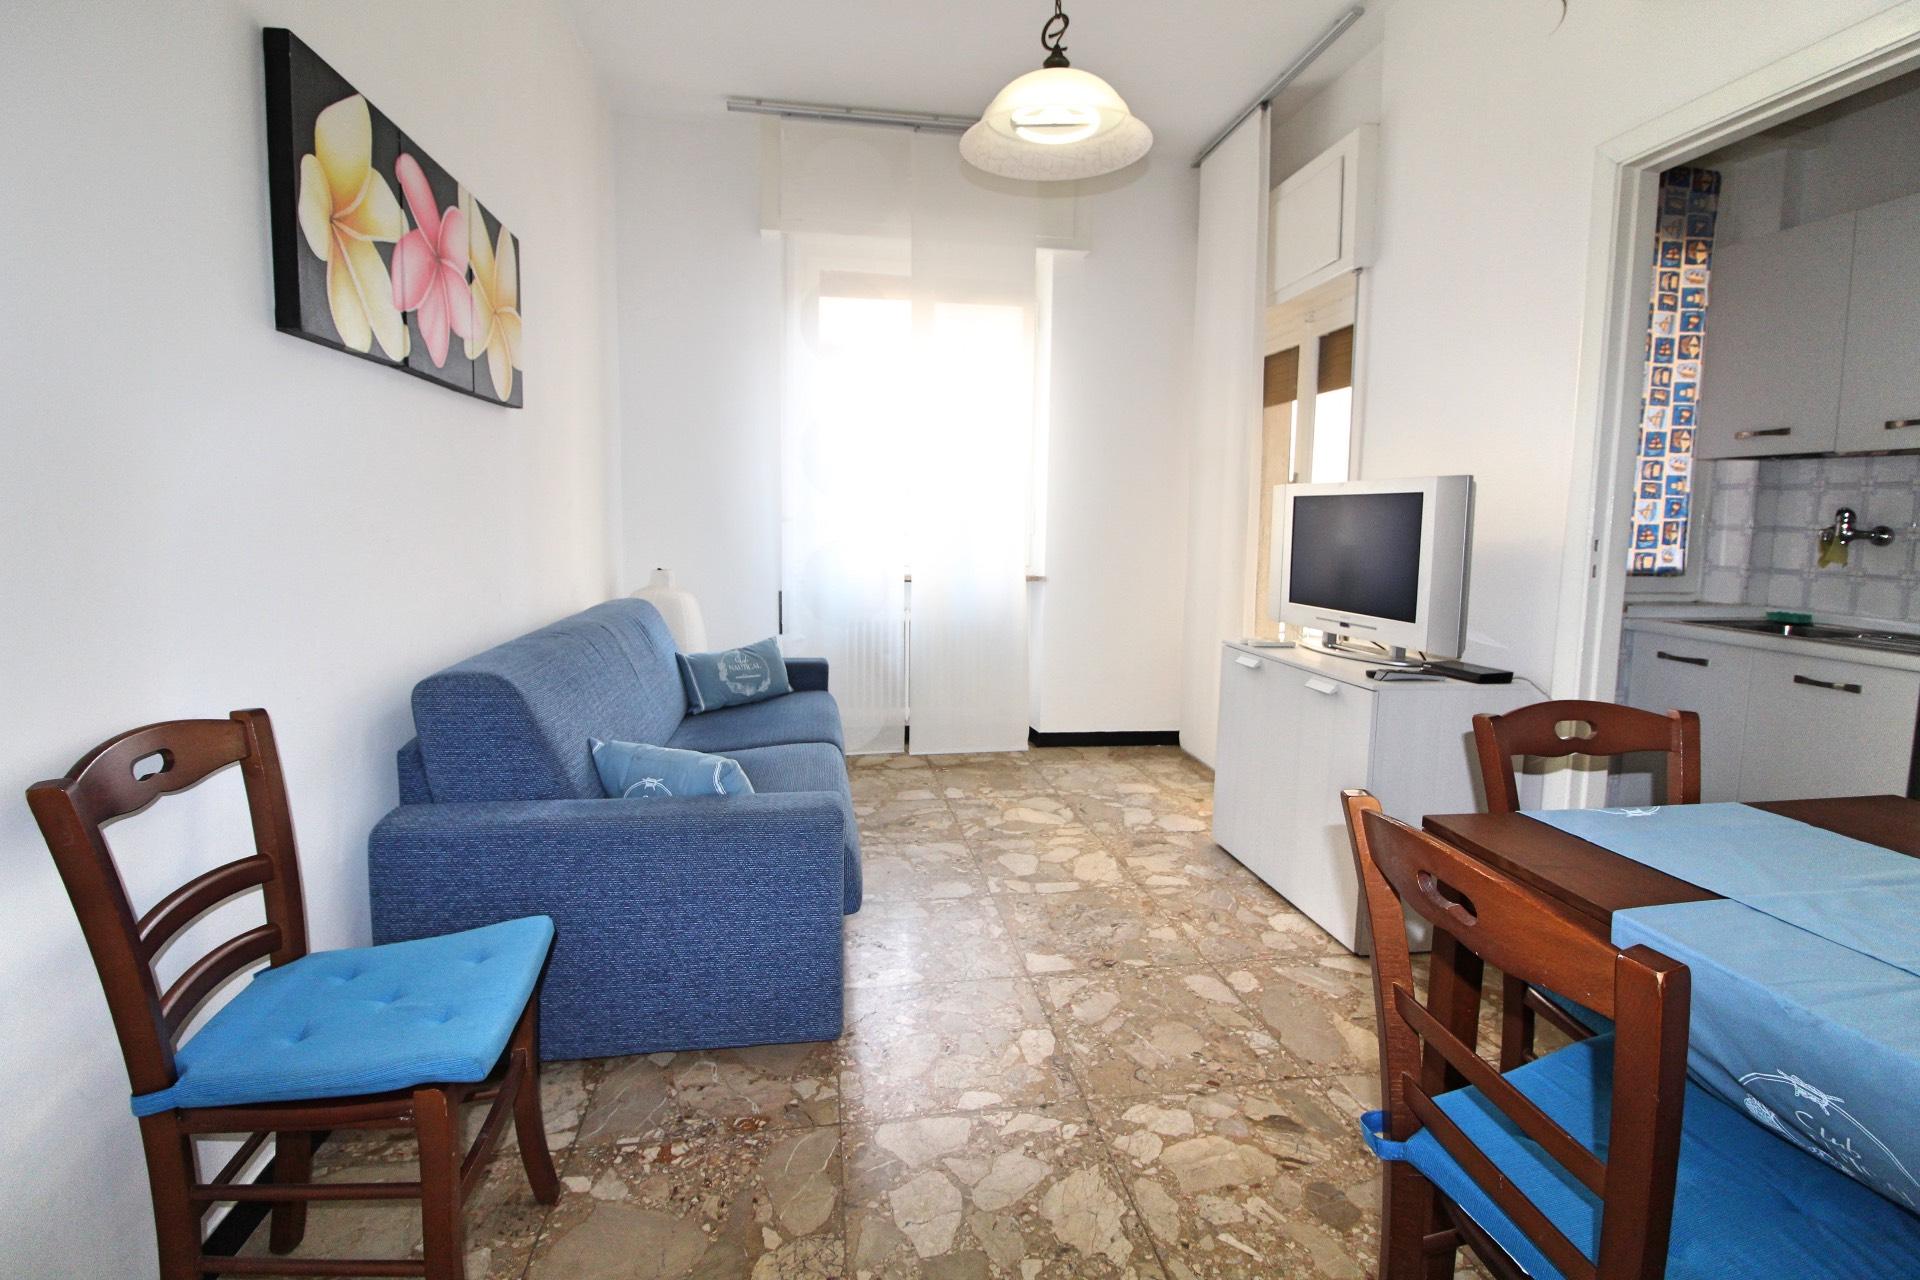 Immobili residenziali in vendita a spotorno for Case in vendita spotorno